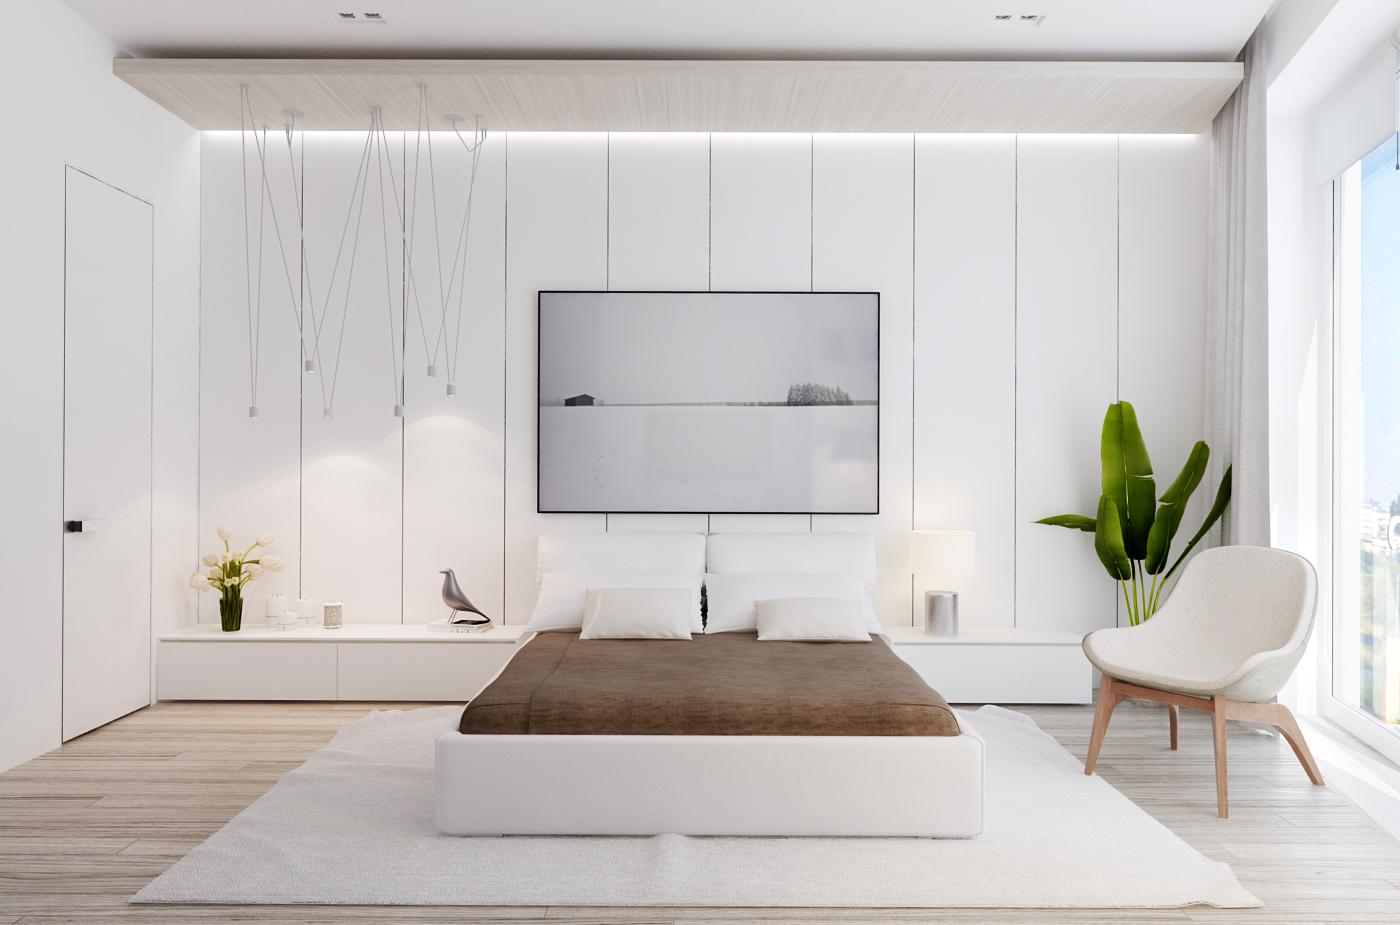 View In Gallery Dekorasi Dan Reka Bentuk Bilik Tidur Moden Dengan Tema Putih